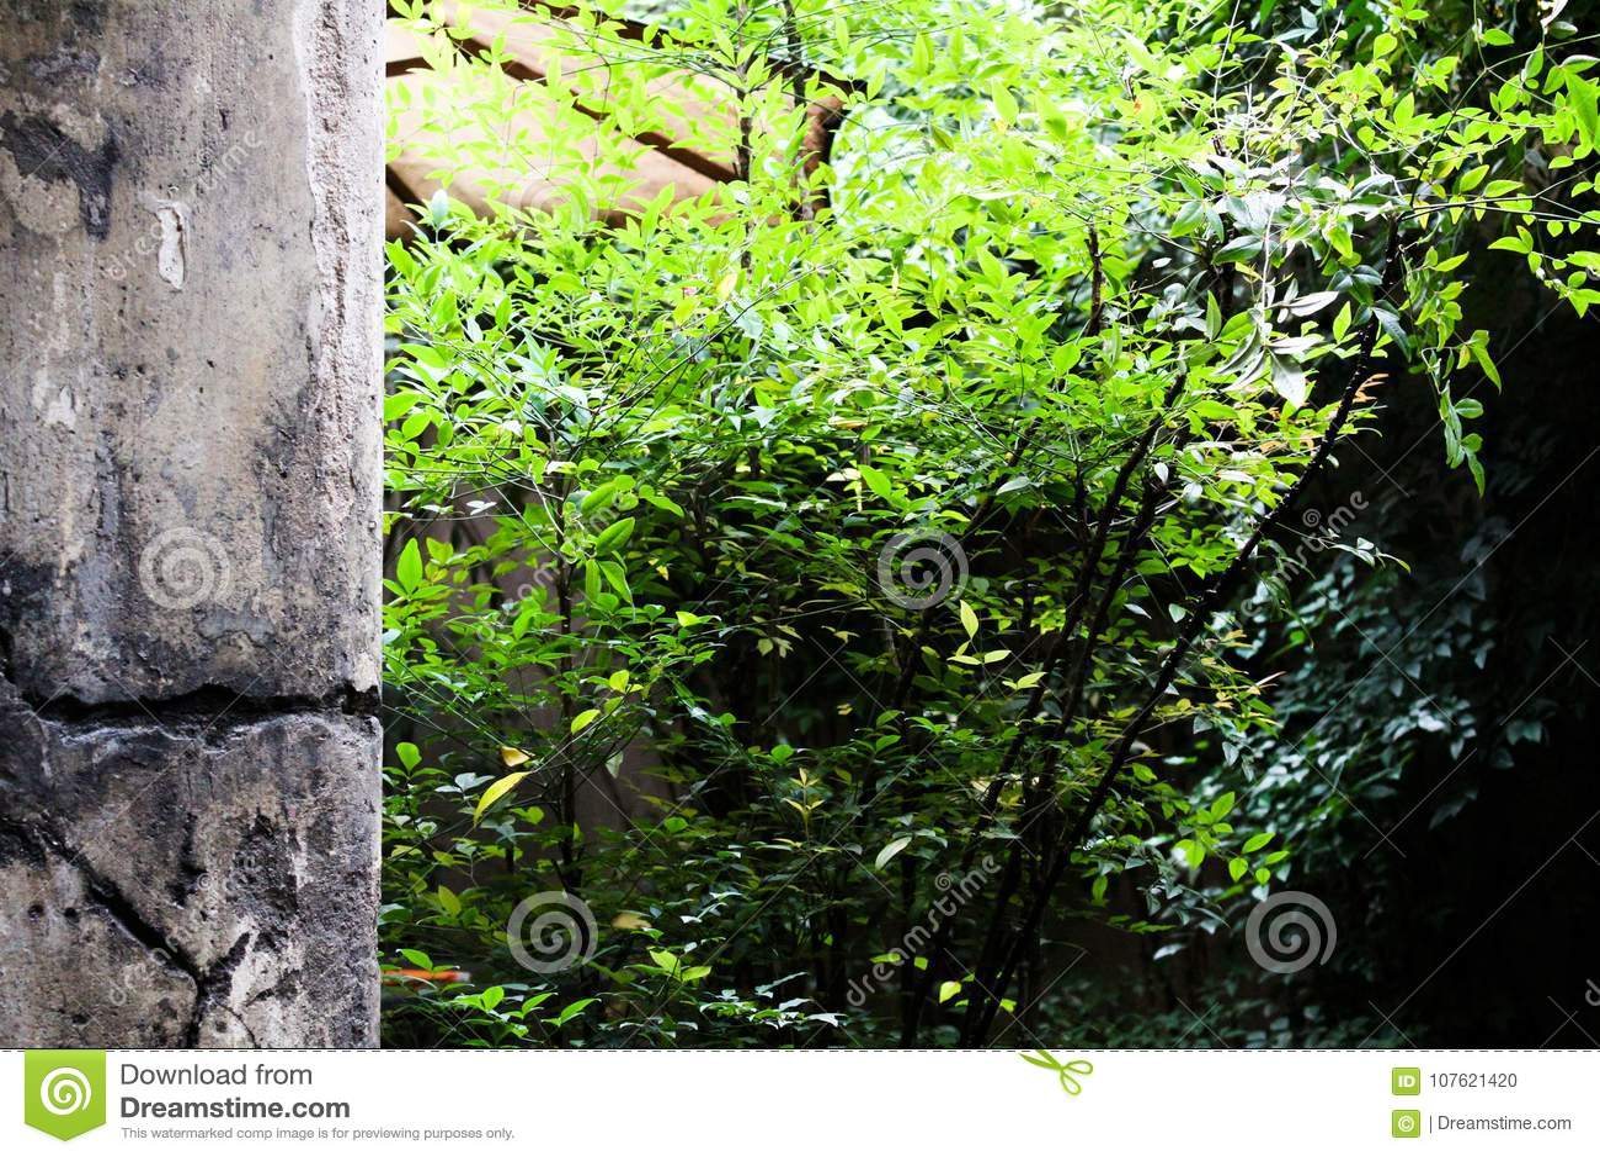 VÄXTER OCH BETONGVÄGG, BRASILIEN - November 30, 2016: växter och